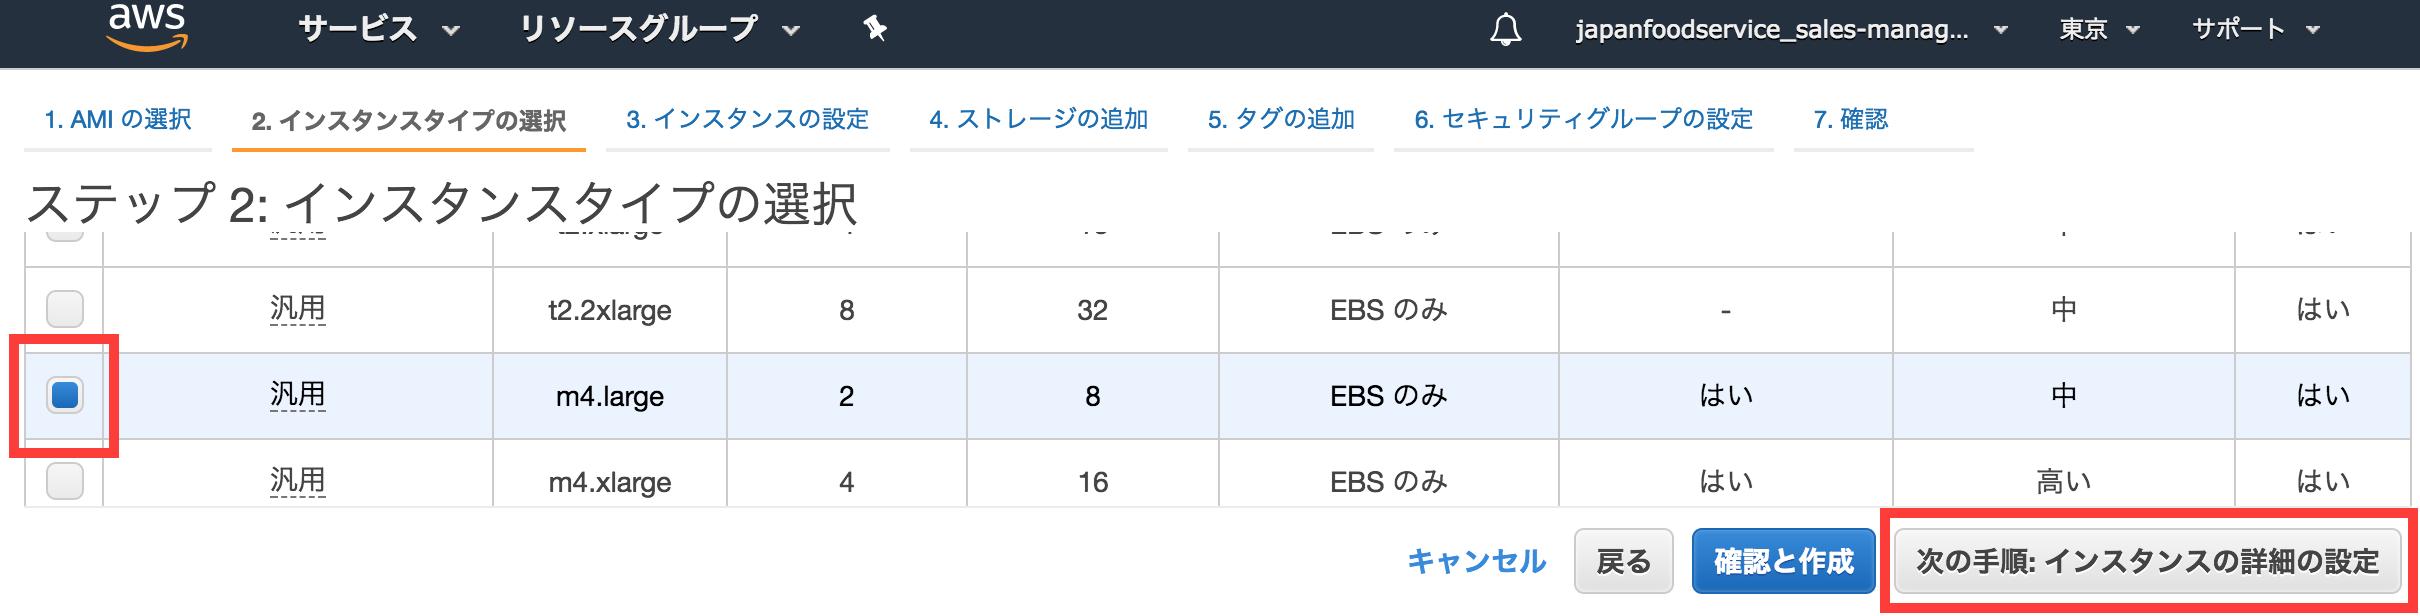 スクリーンショット 2018-01-05 8.48.54.png